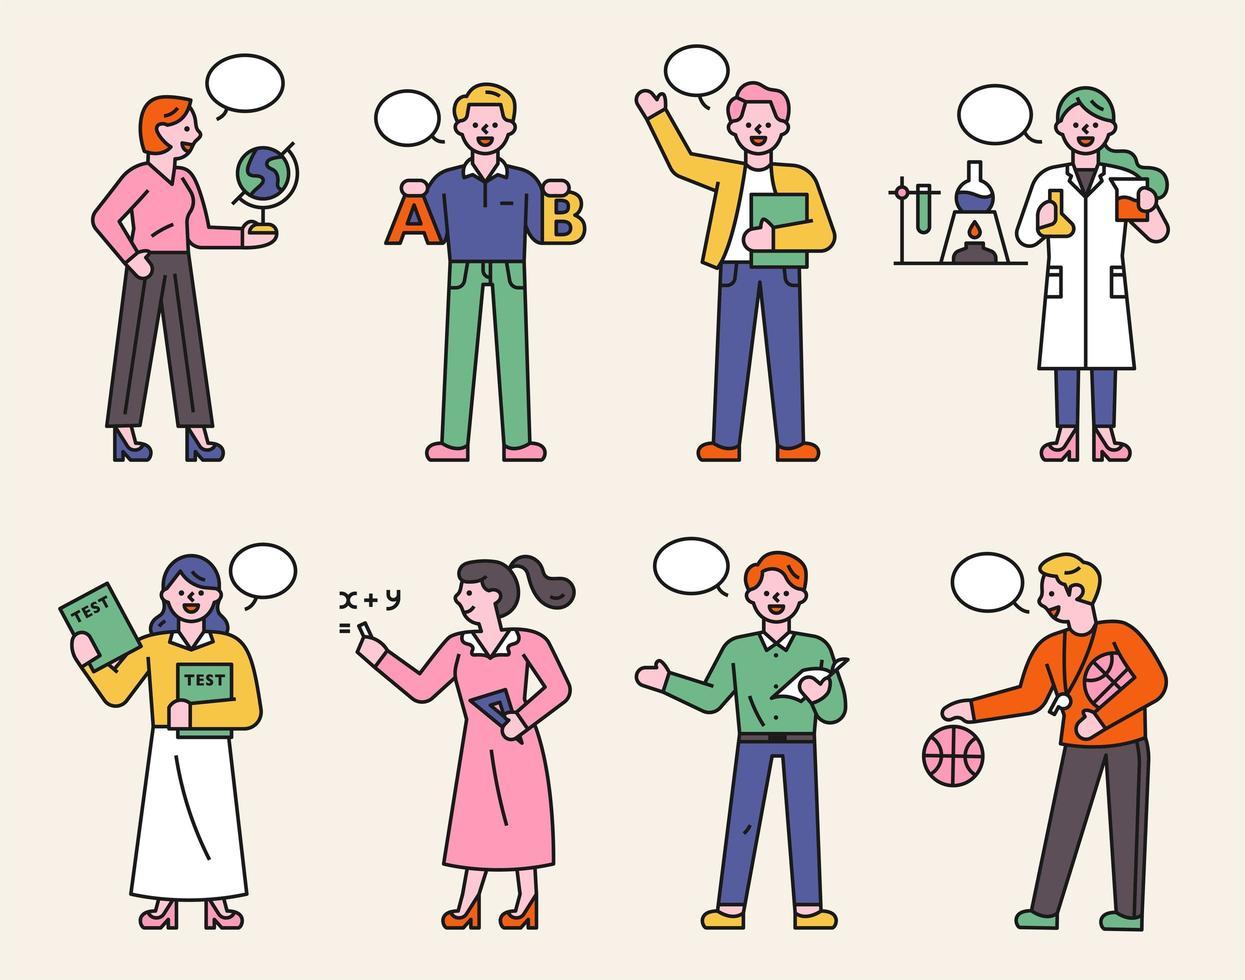 une collection de personnages d'enseignants dans diverses matières. vecteur